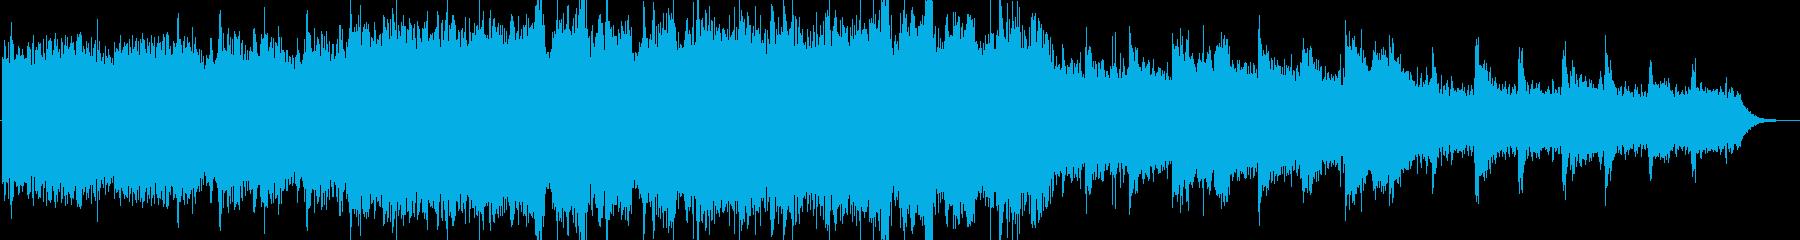 輝いている様な優しいヒーリングBGMの再生済みの波形